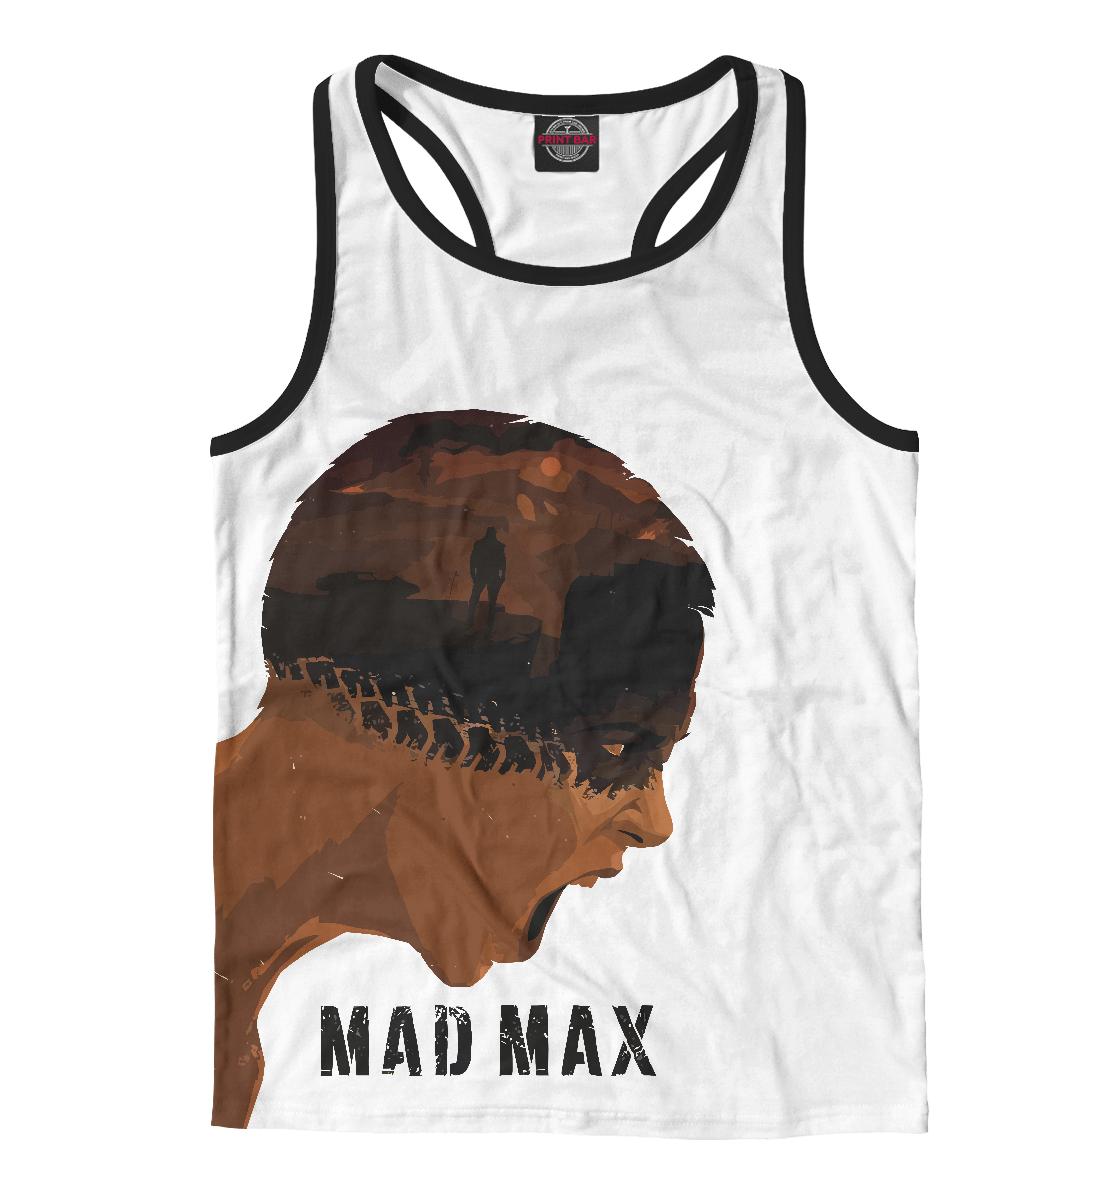 Купить Mad Max, Printbar, Майки борцовки, KNO-499365-mayb-2